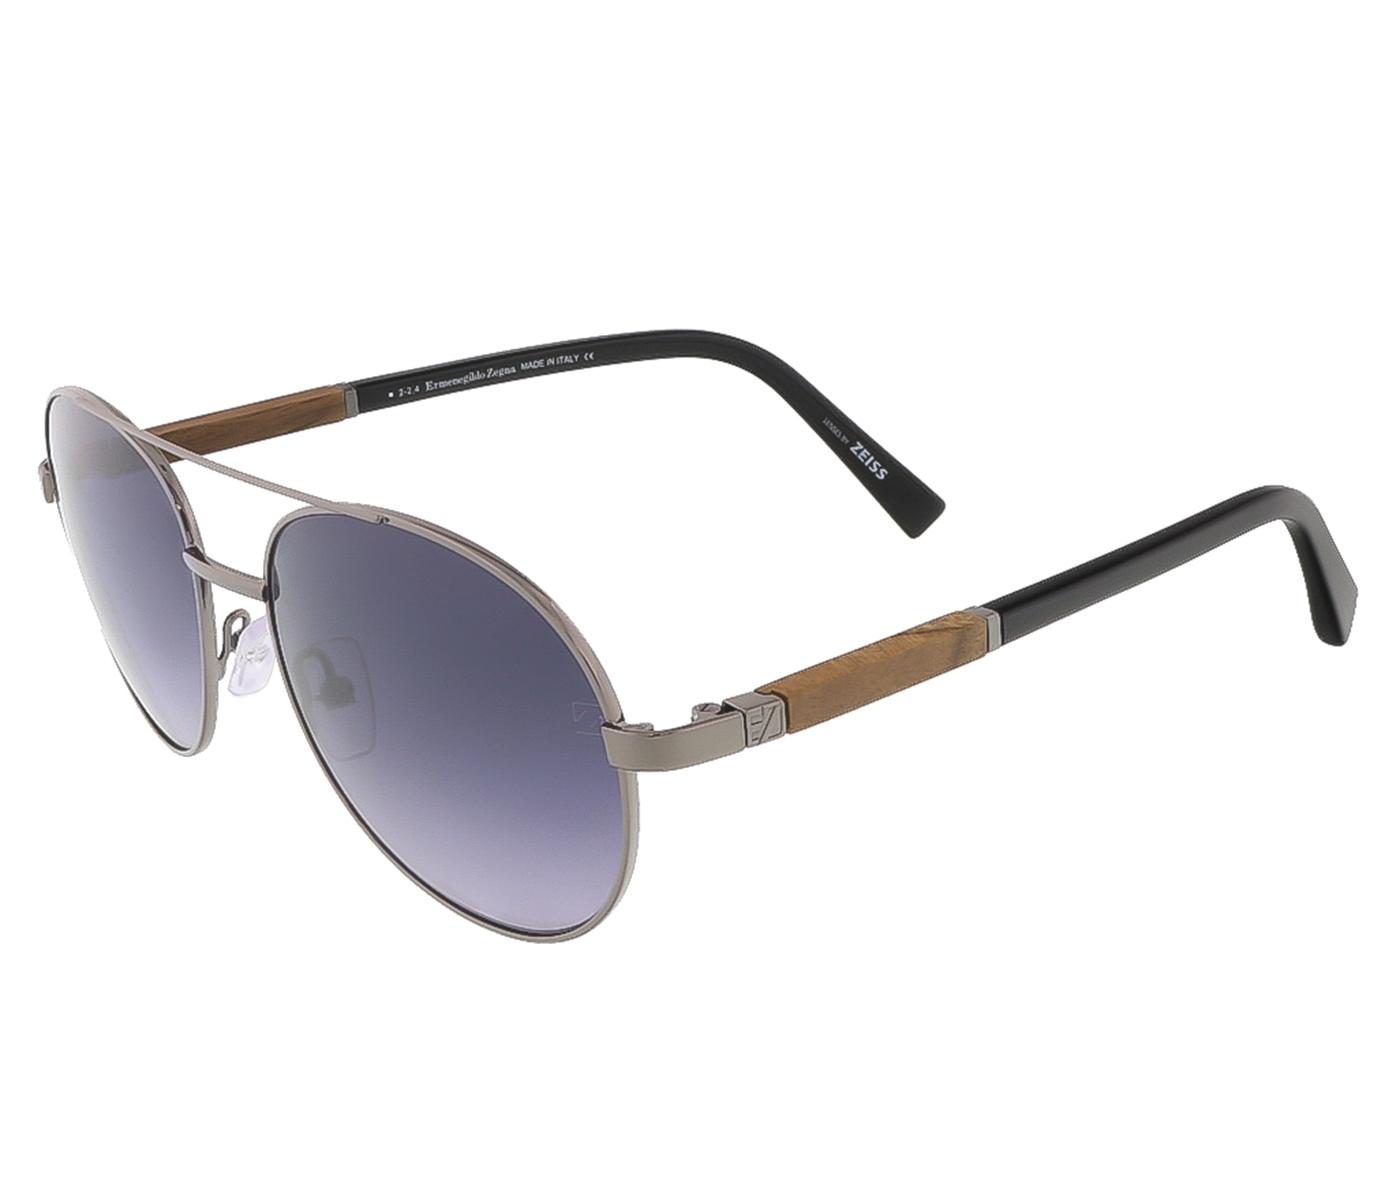 Ermenegildo Zegna EZ0013/S 08B Shiny Gunmetal/Black Aviator sunglasses